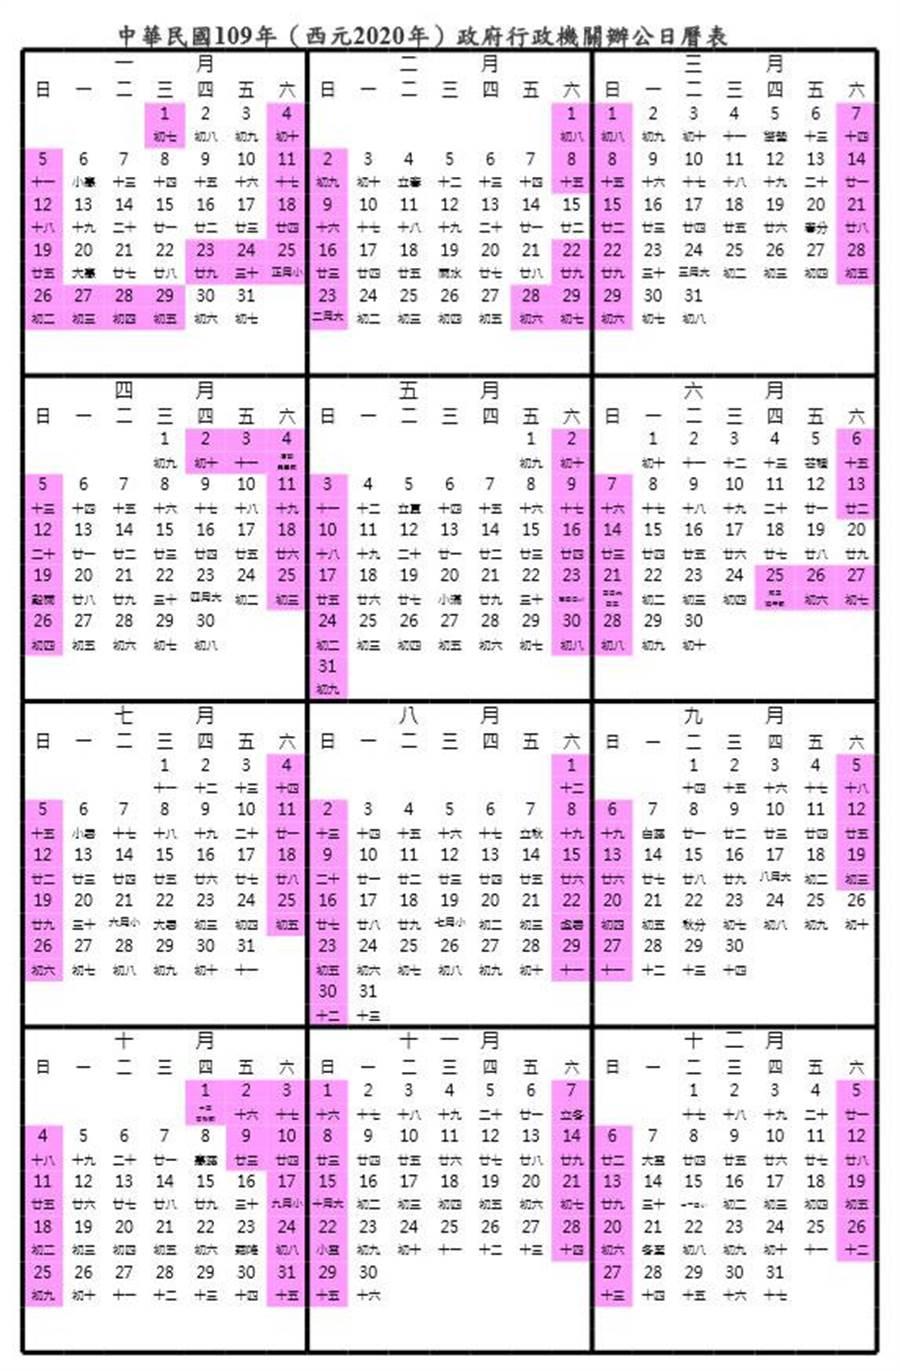 明年政府行政機關辦公日曆表,全年公務機關放假日數仍維持115天不變。